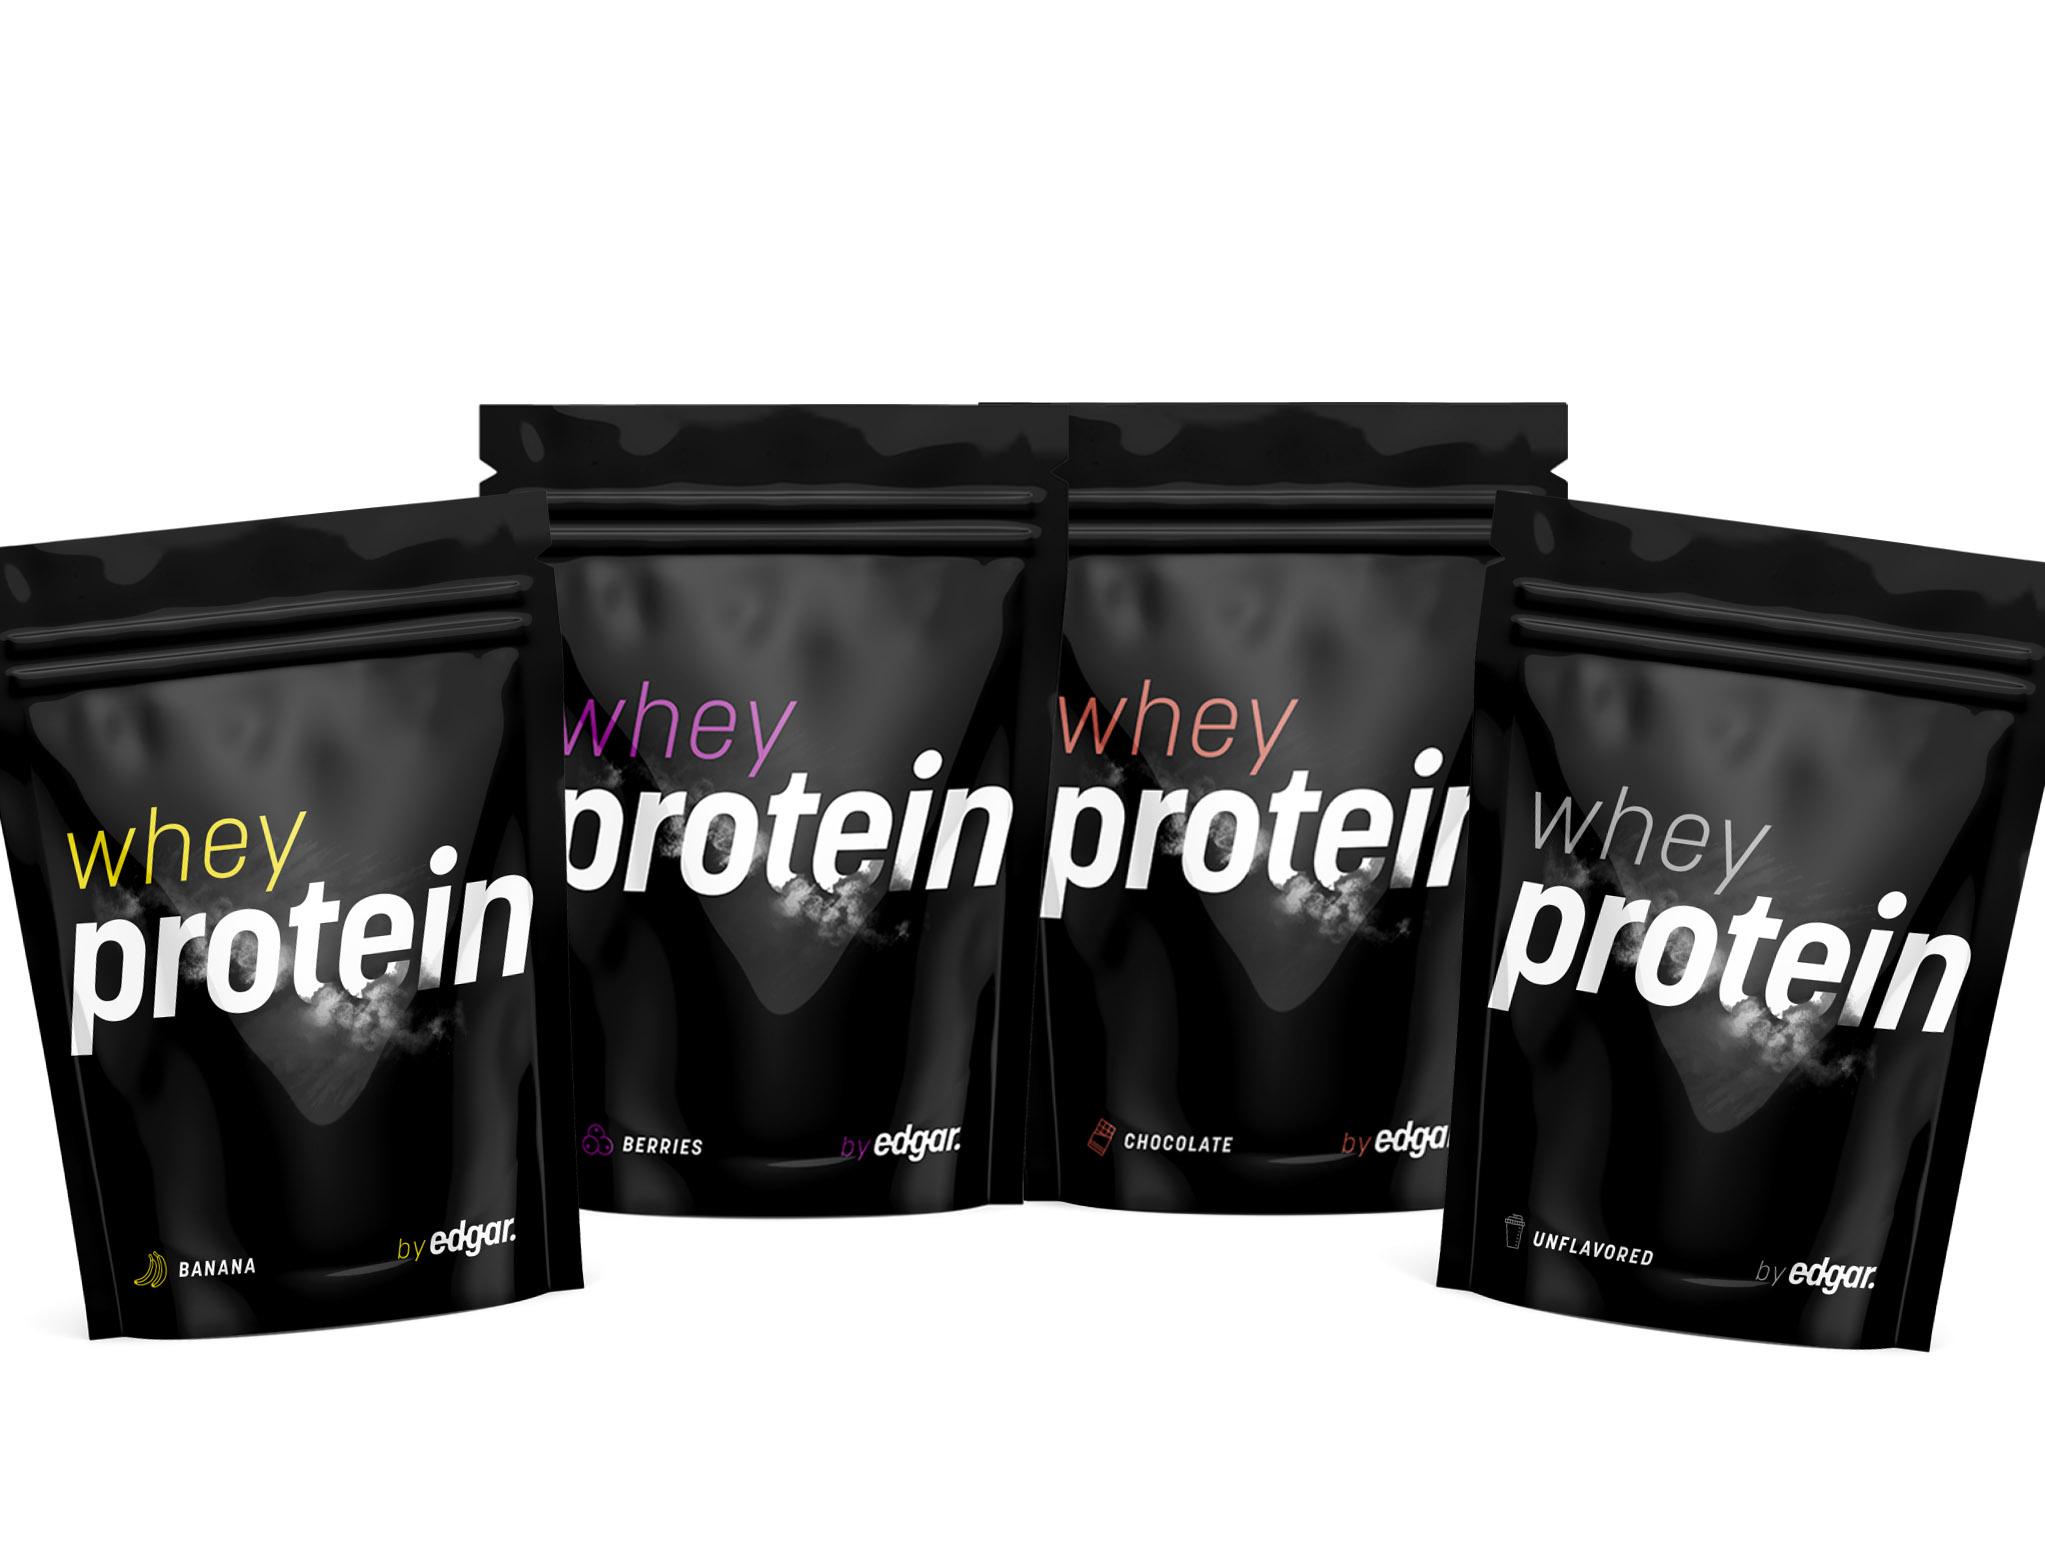 Edgar Whey protein